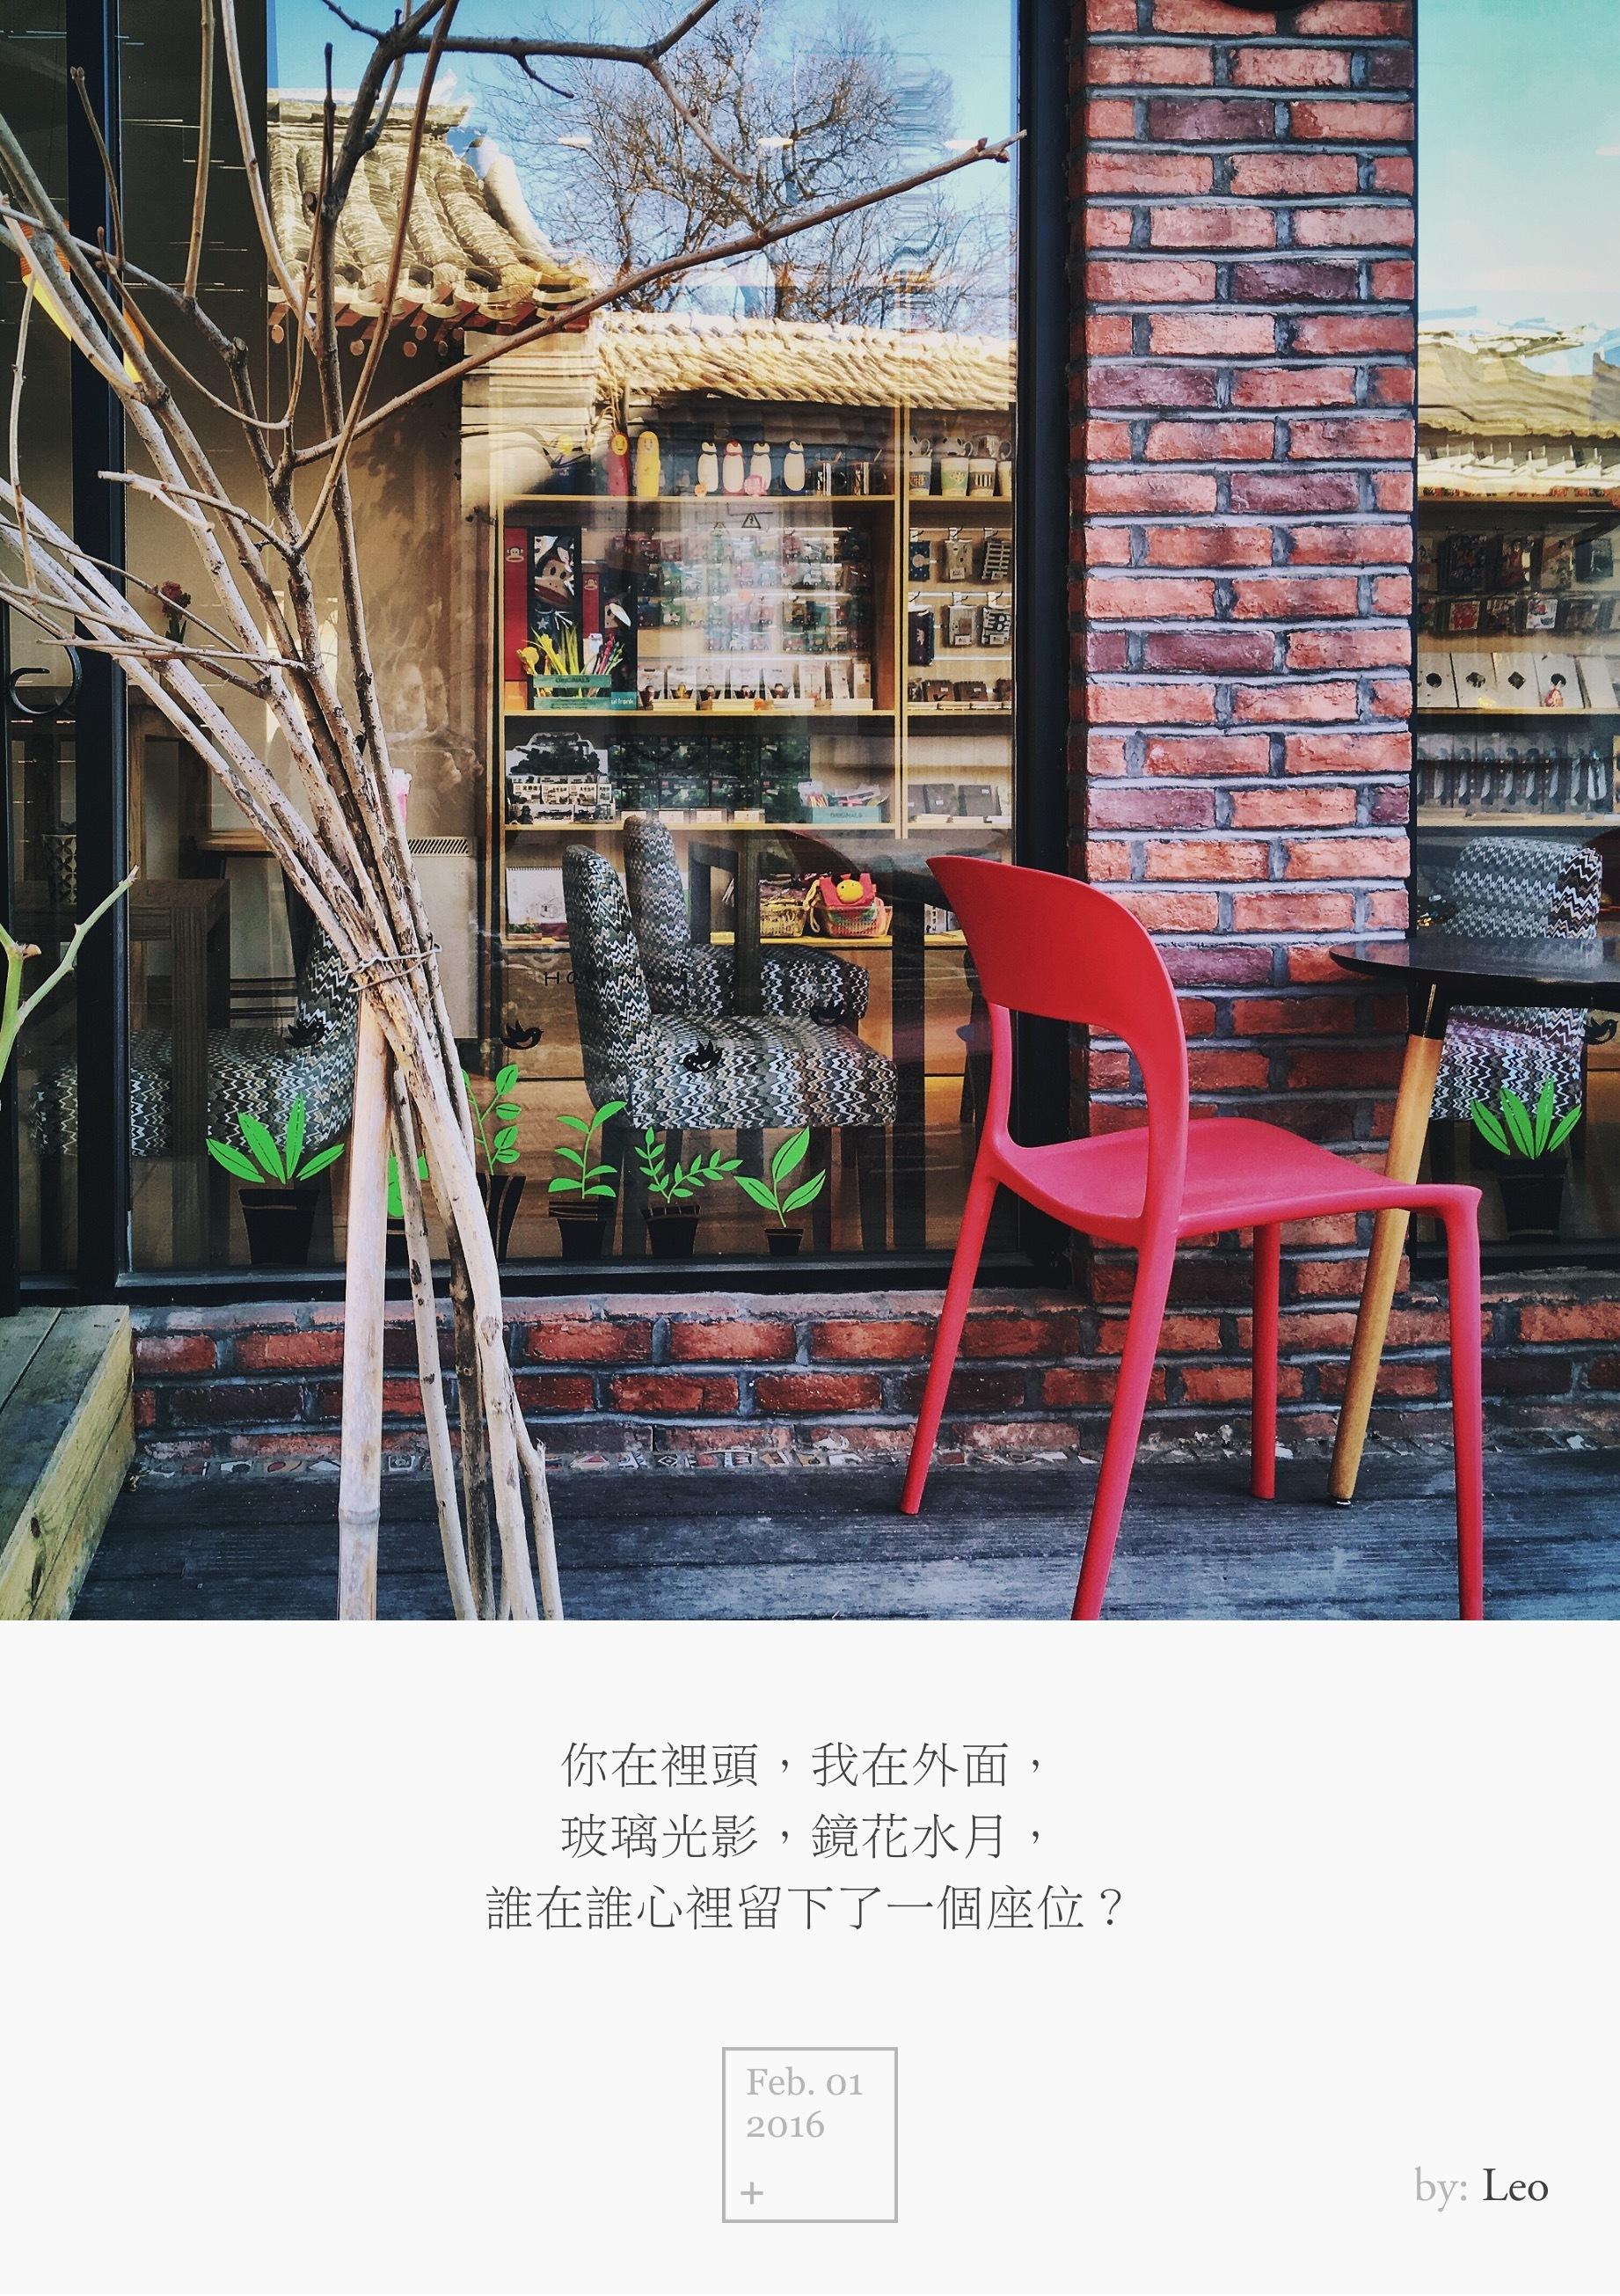 餐吧红椅子